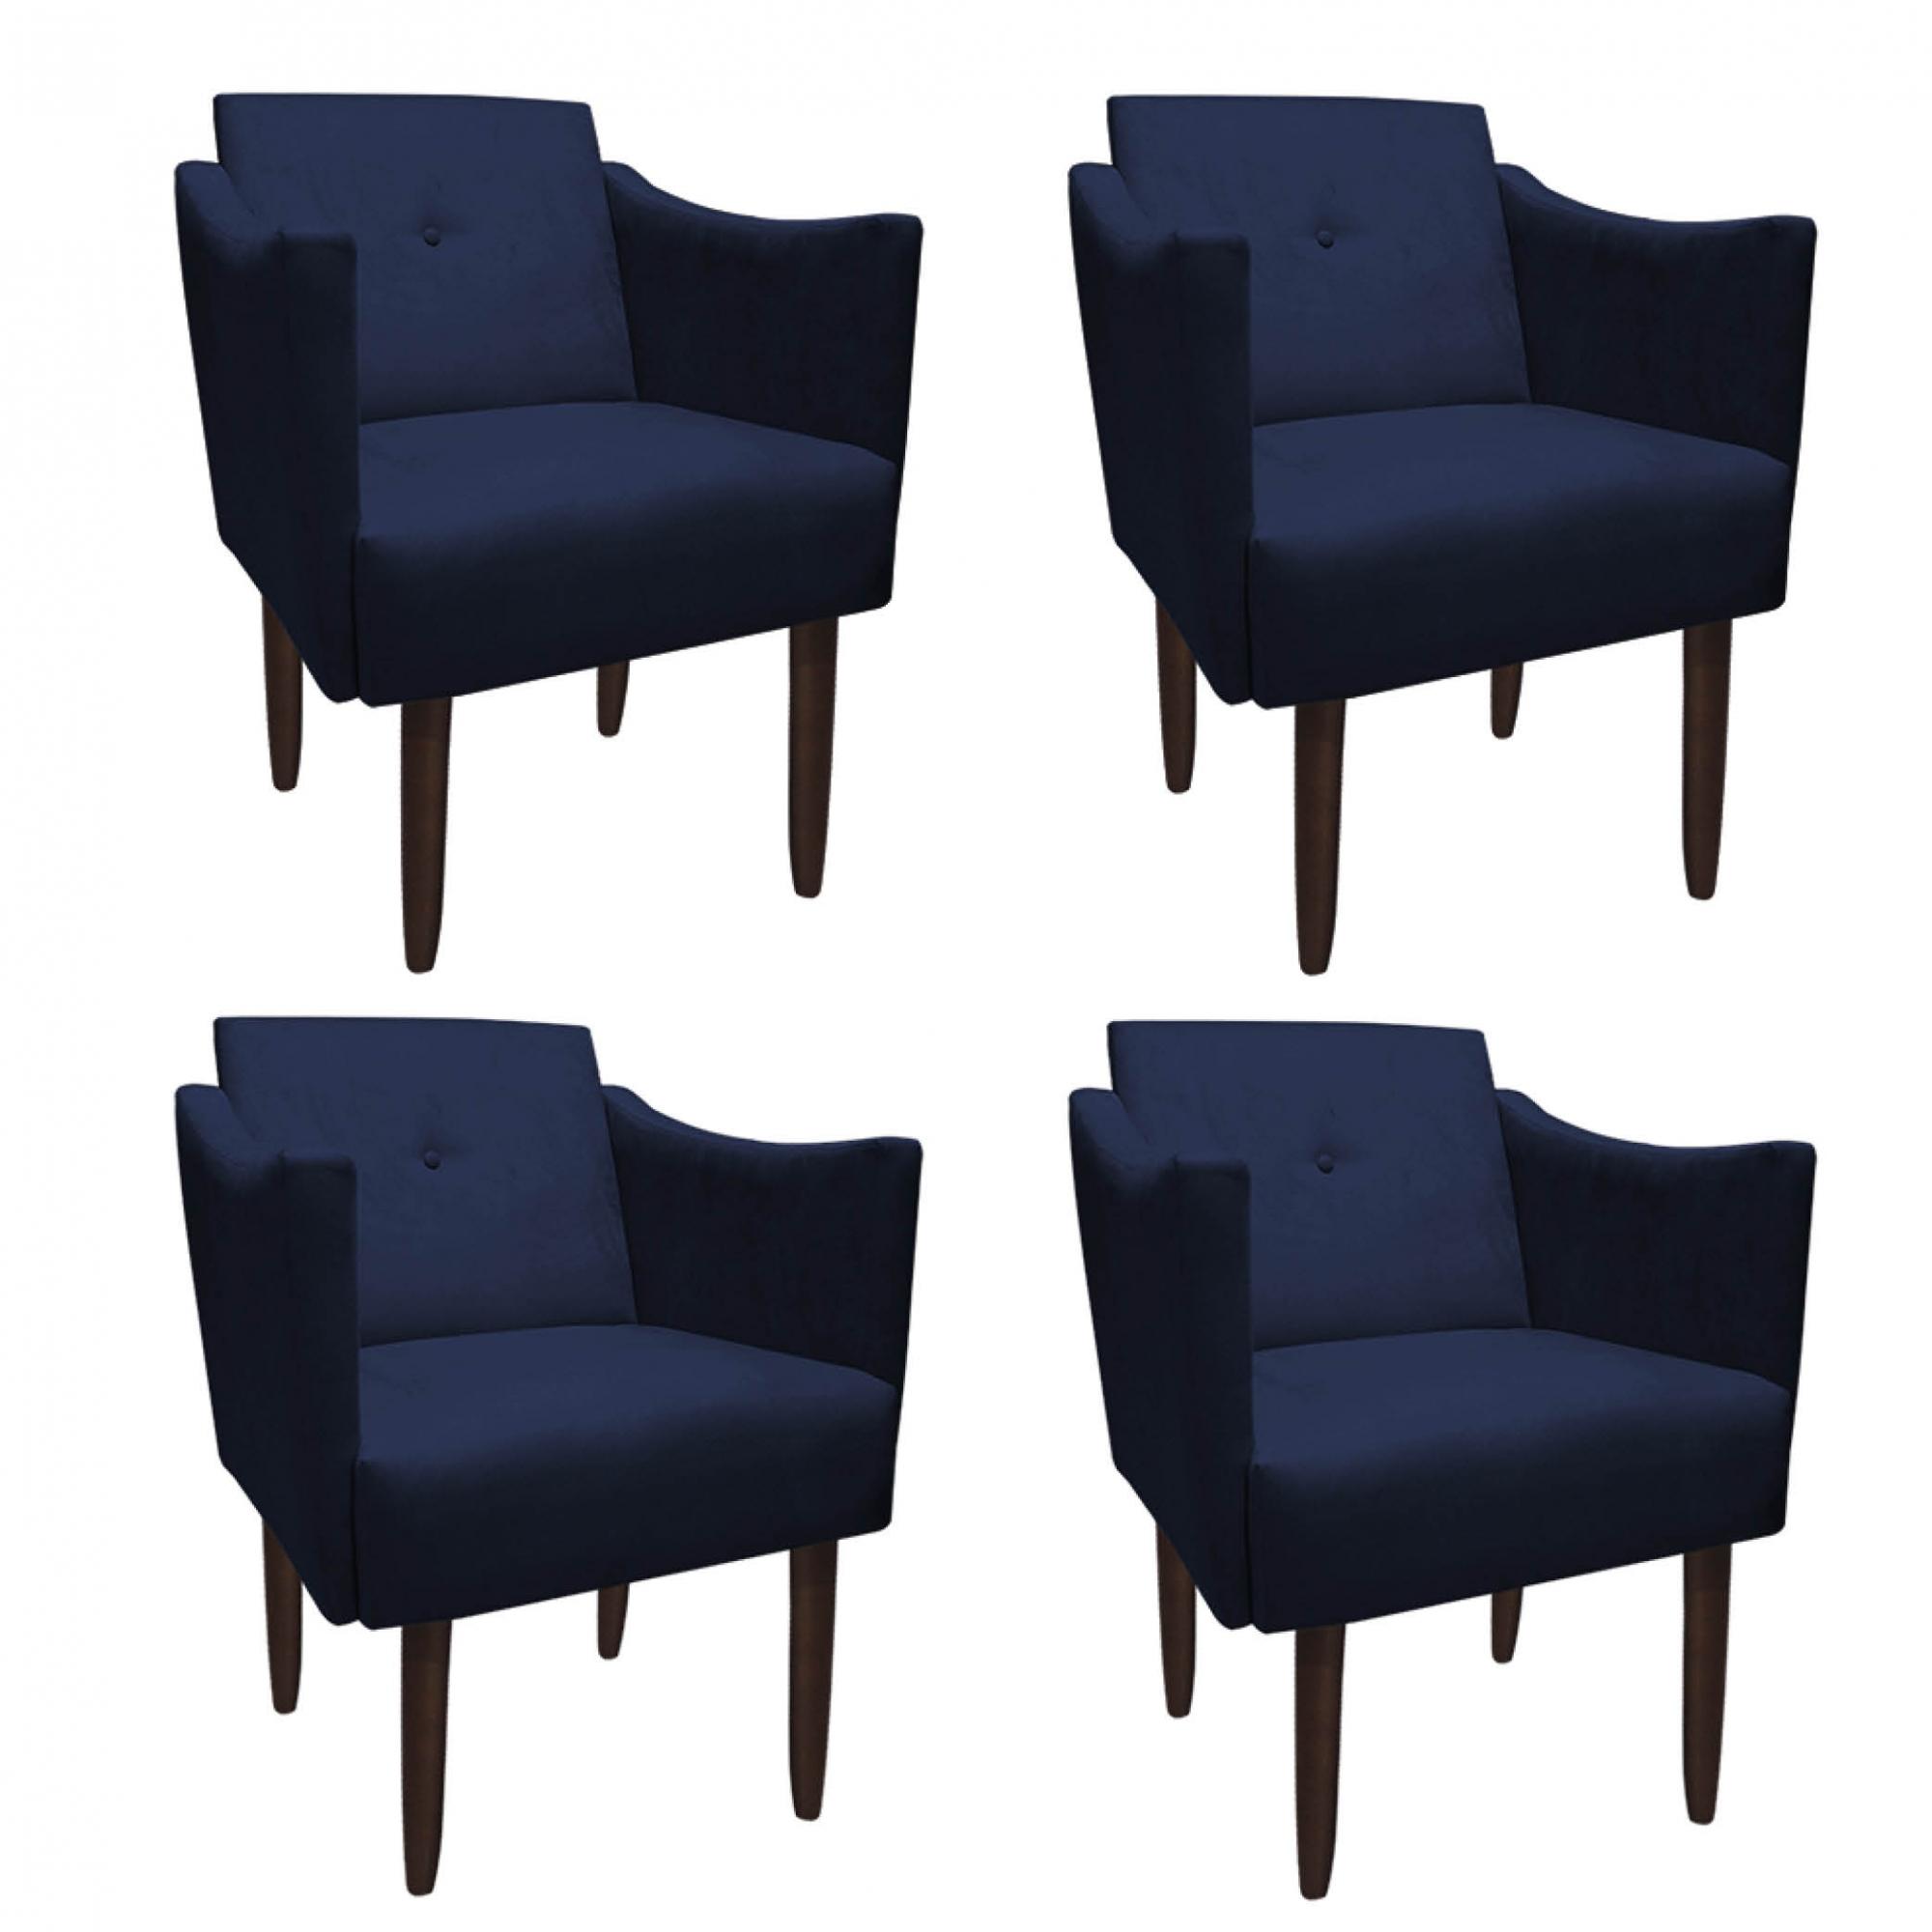 Kit 4 Poltrona Naty Decoração Clínica Salão Cadeira Recepção Escritório Sala Estar  D'Classe Decor Suede Azul Marinho